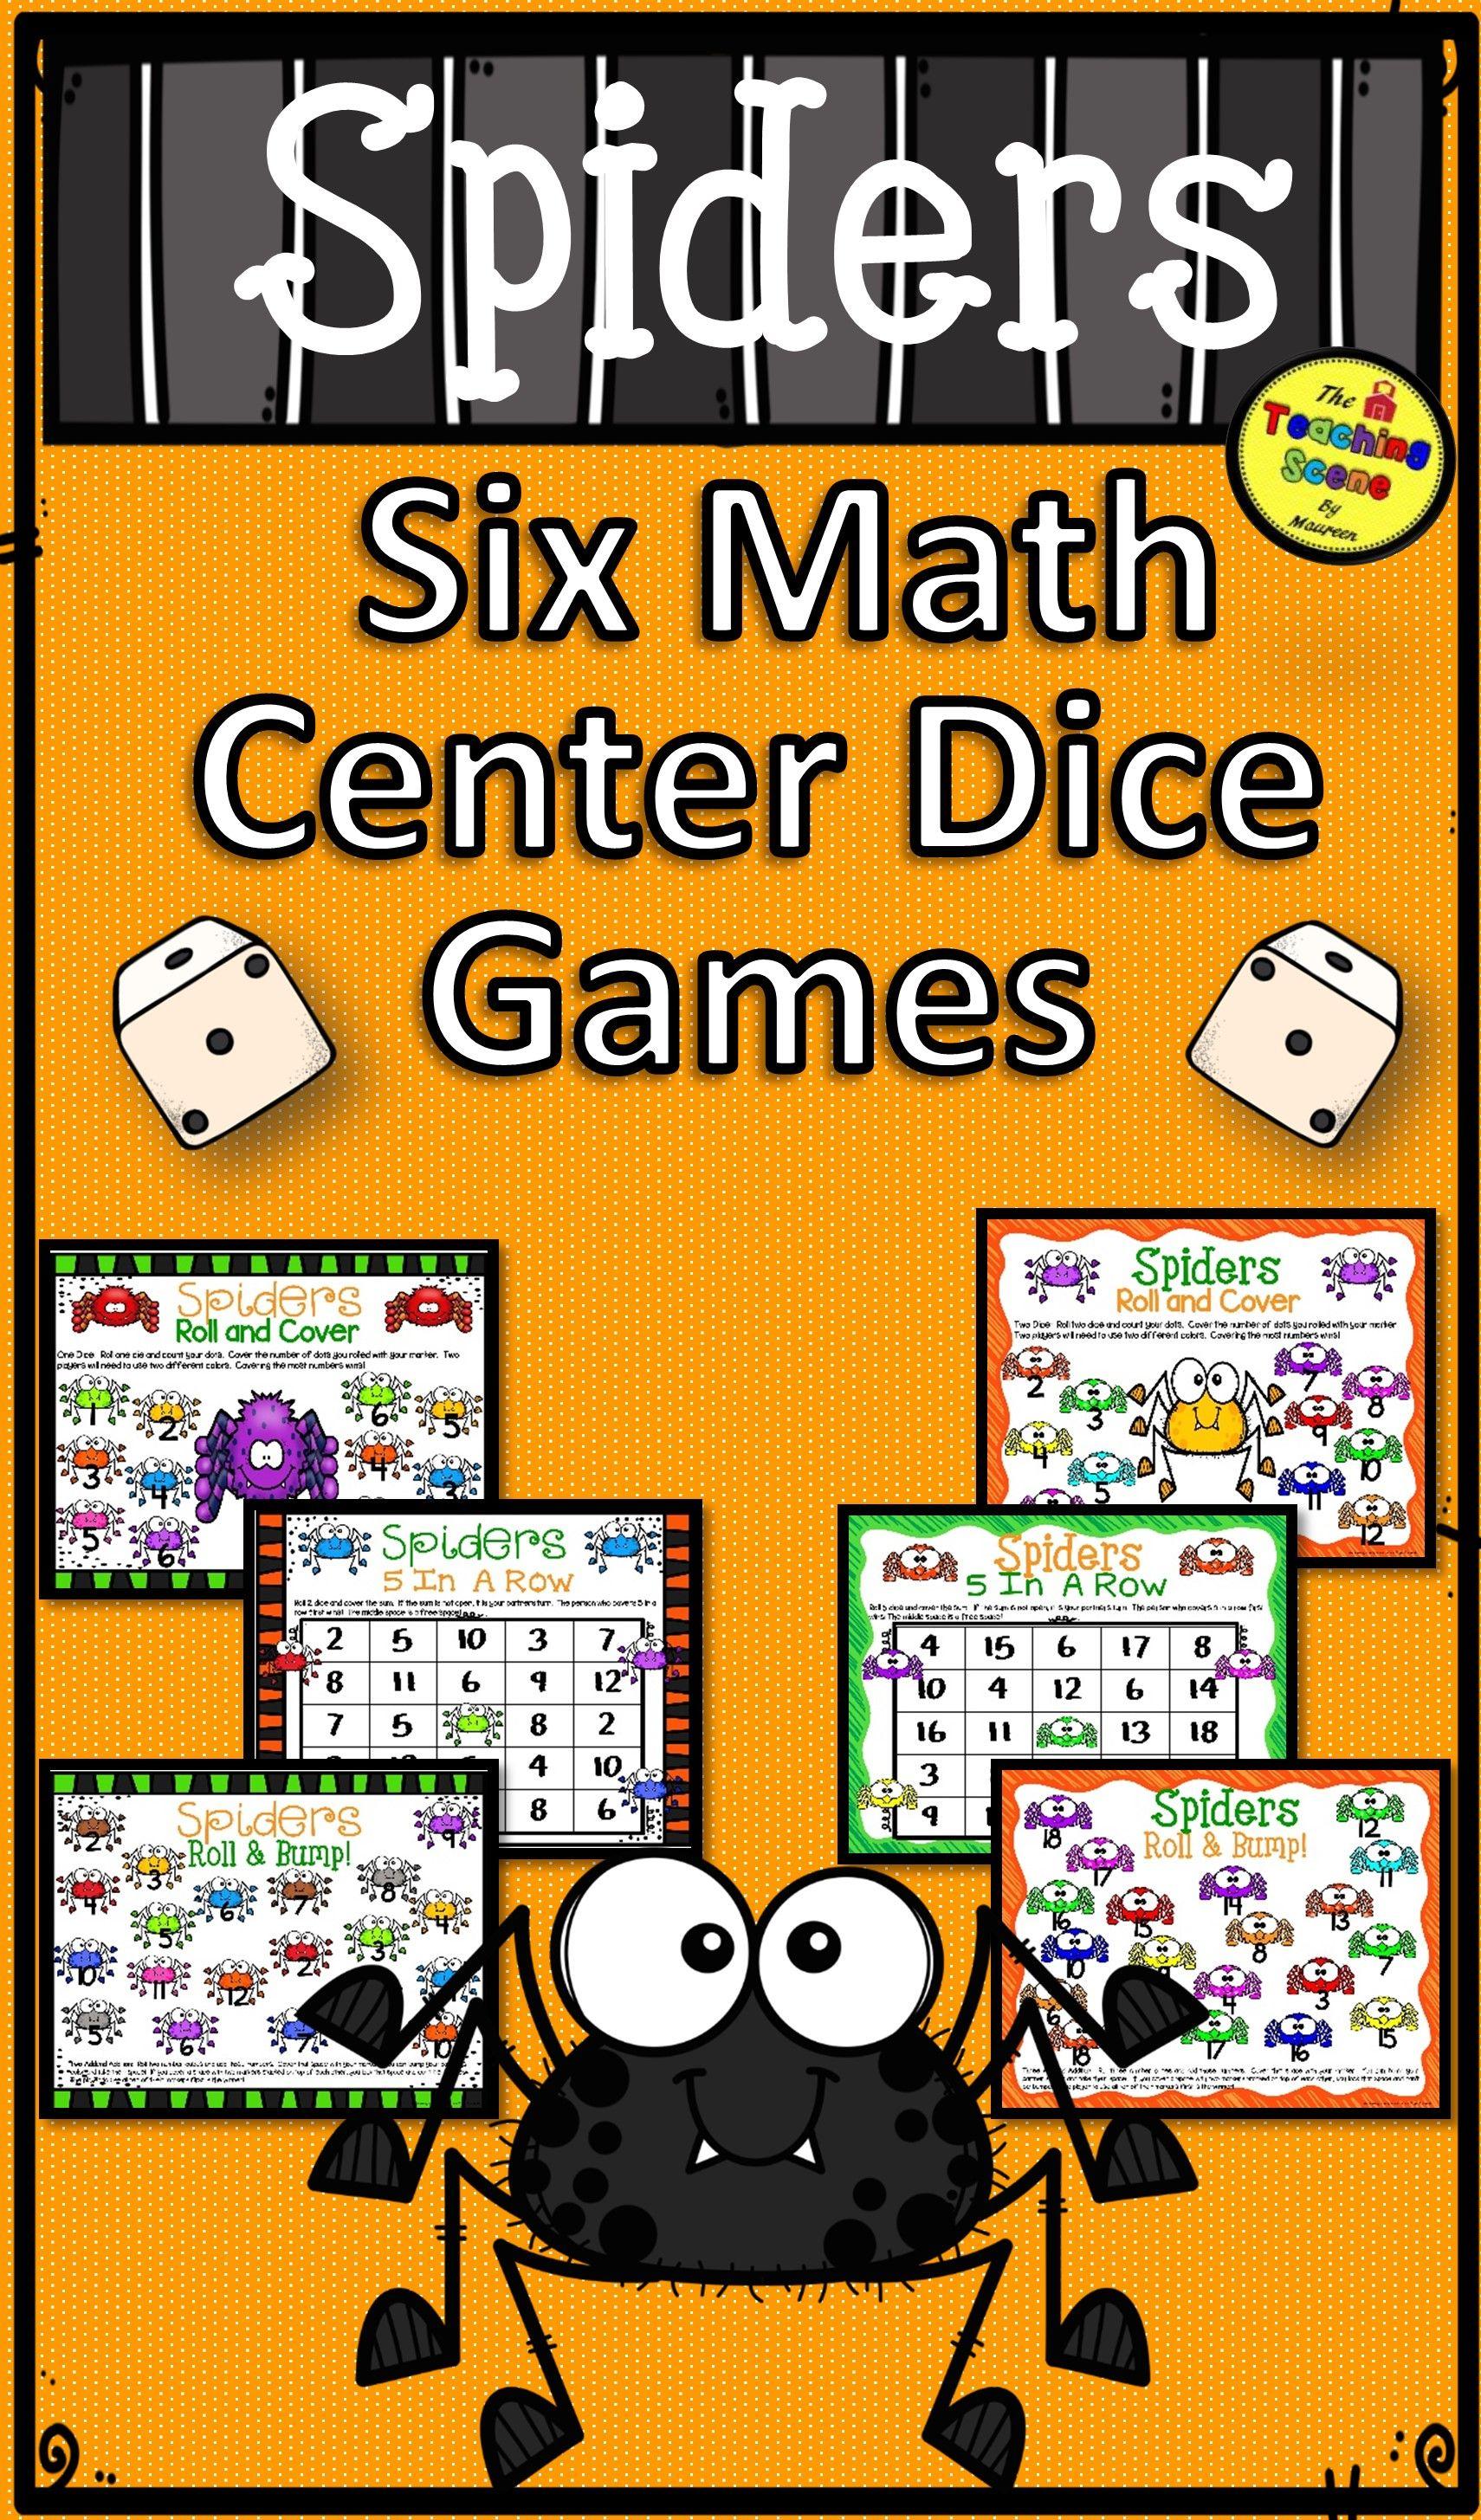 Spiders Math Center Dice Games Math centers, Math, Math